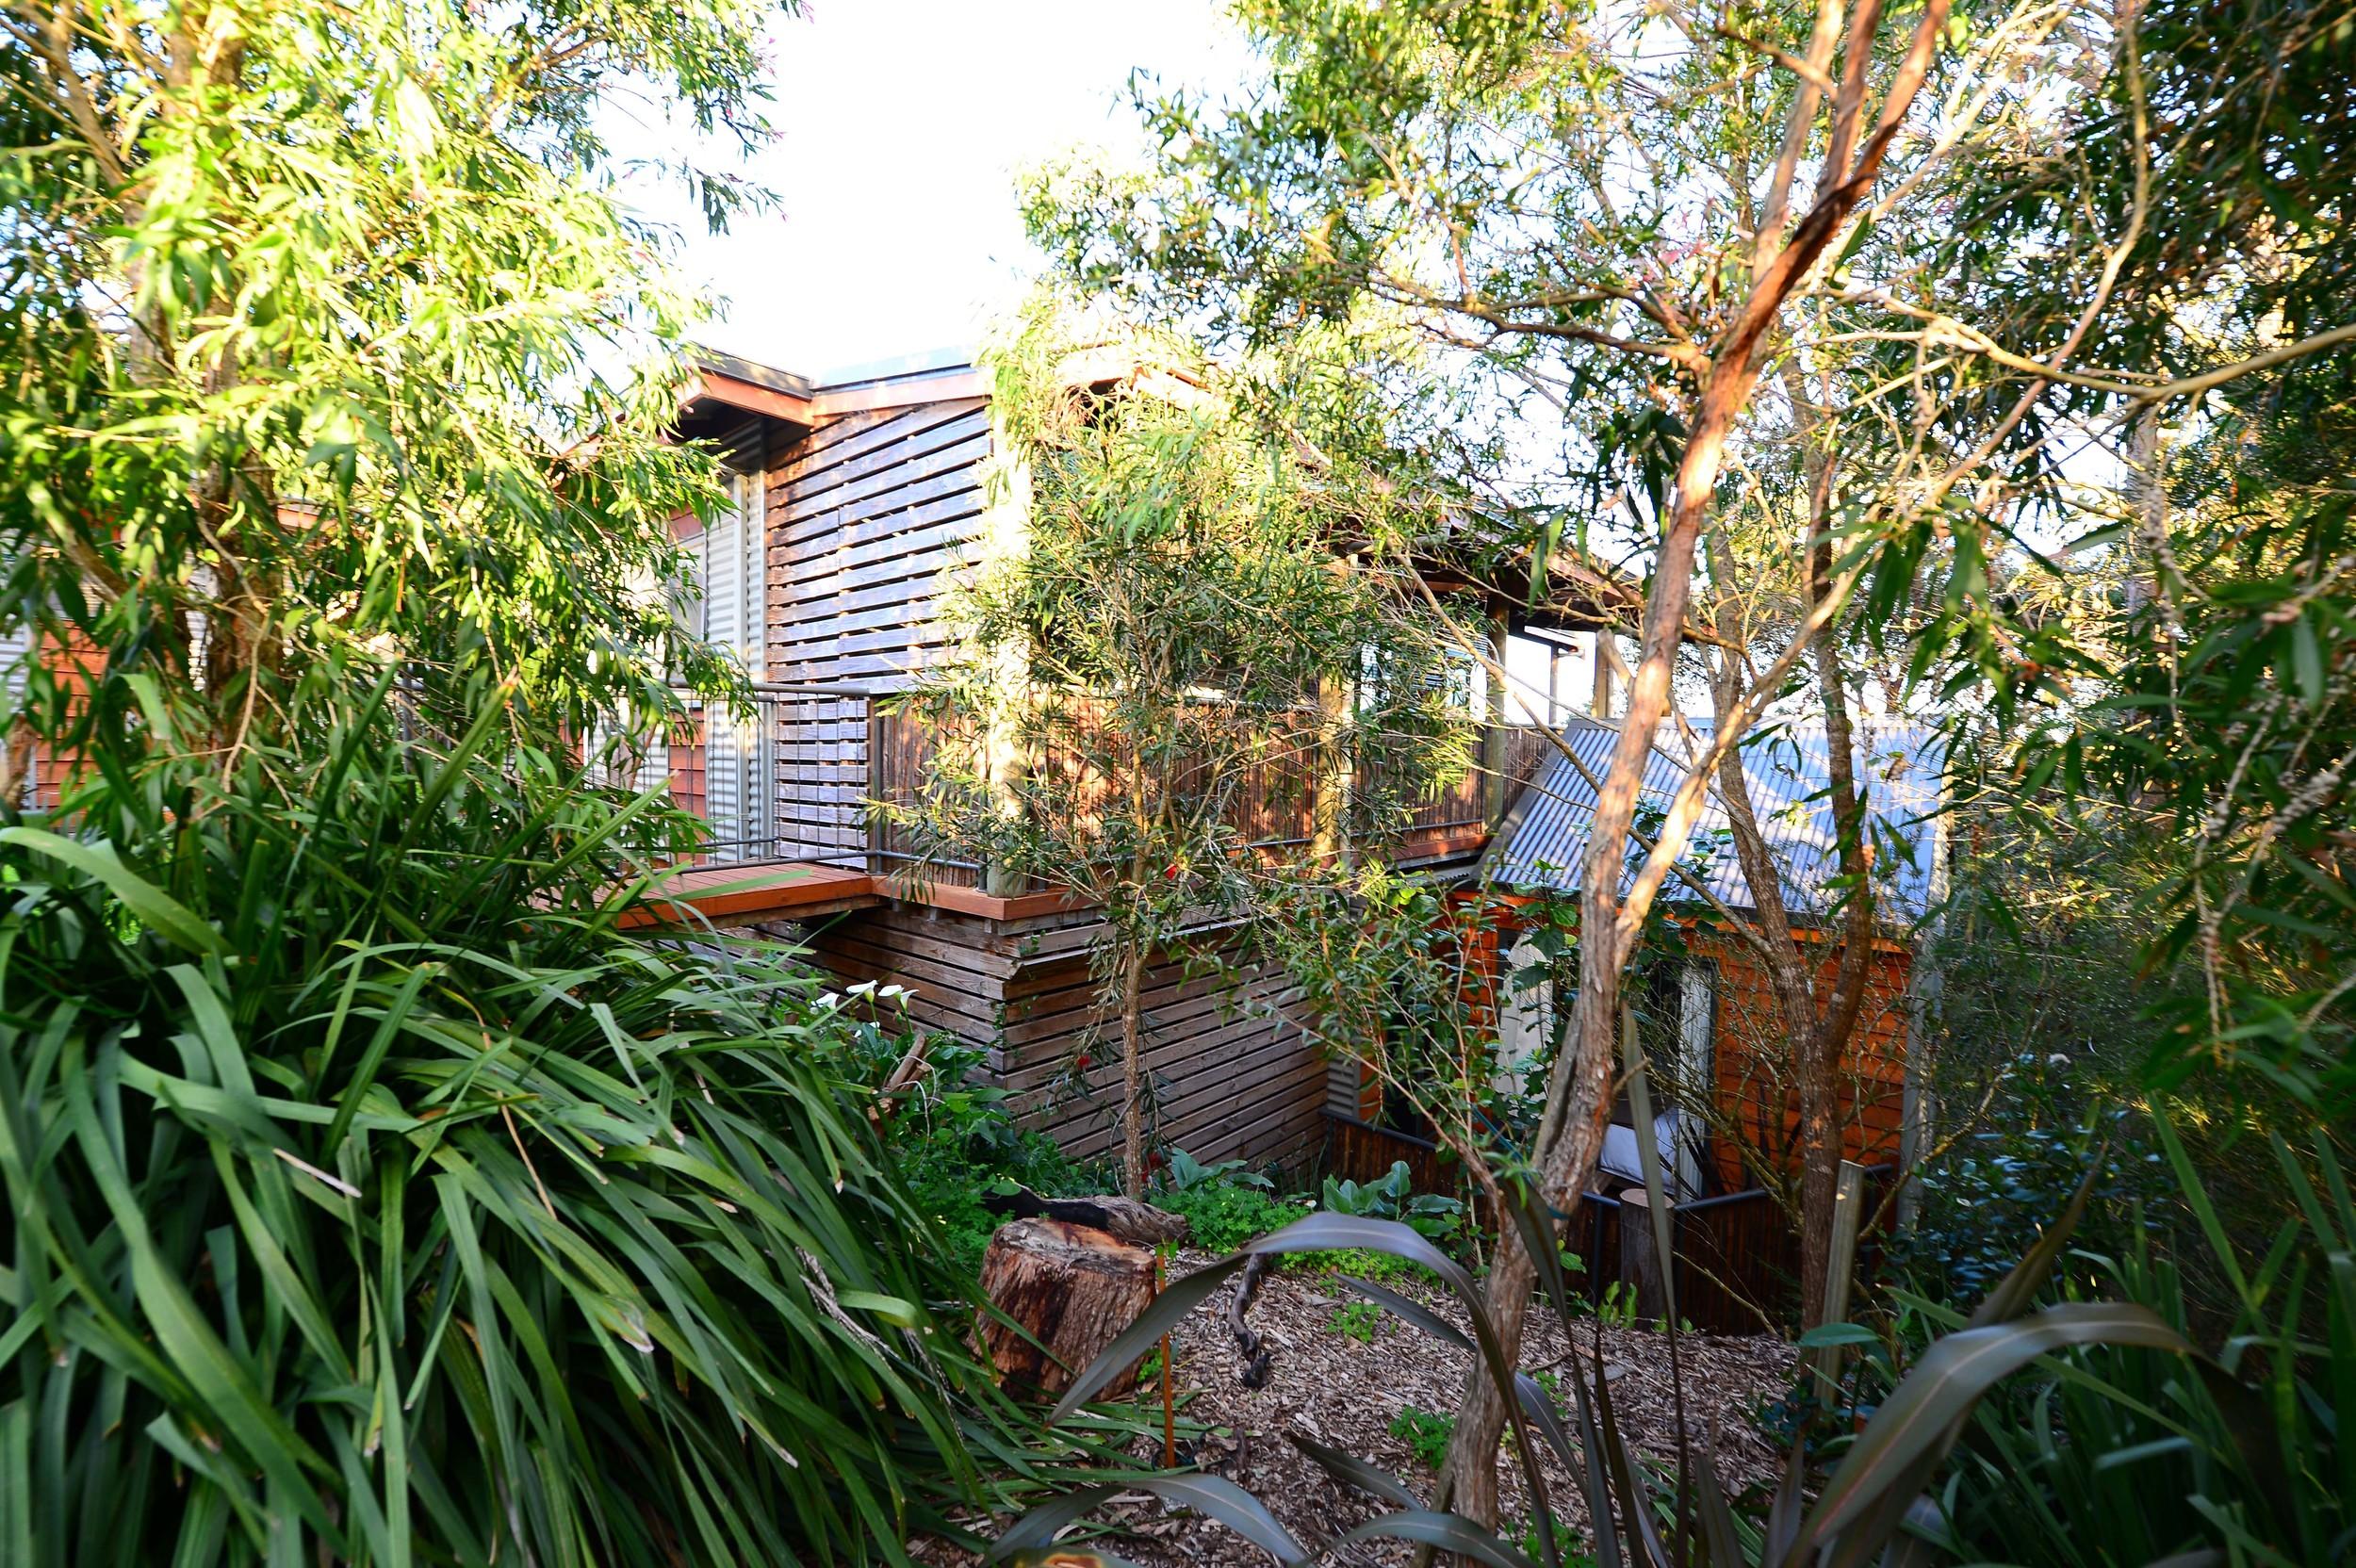 Bush Land Outside View.jpg